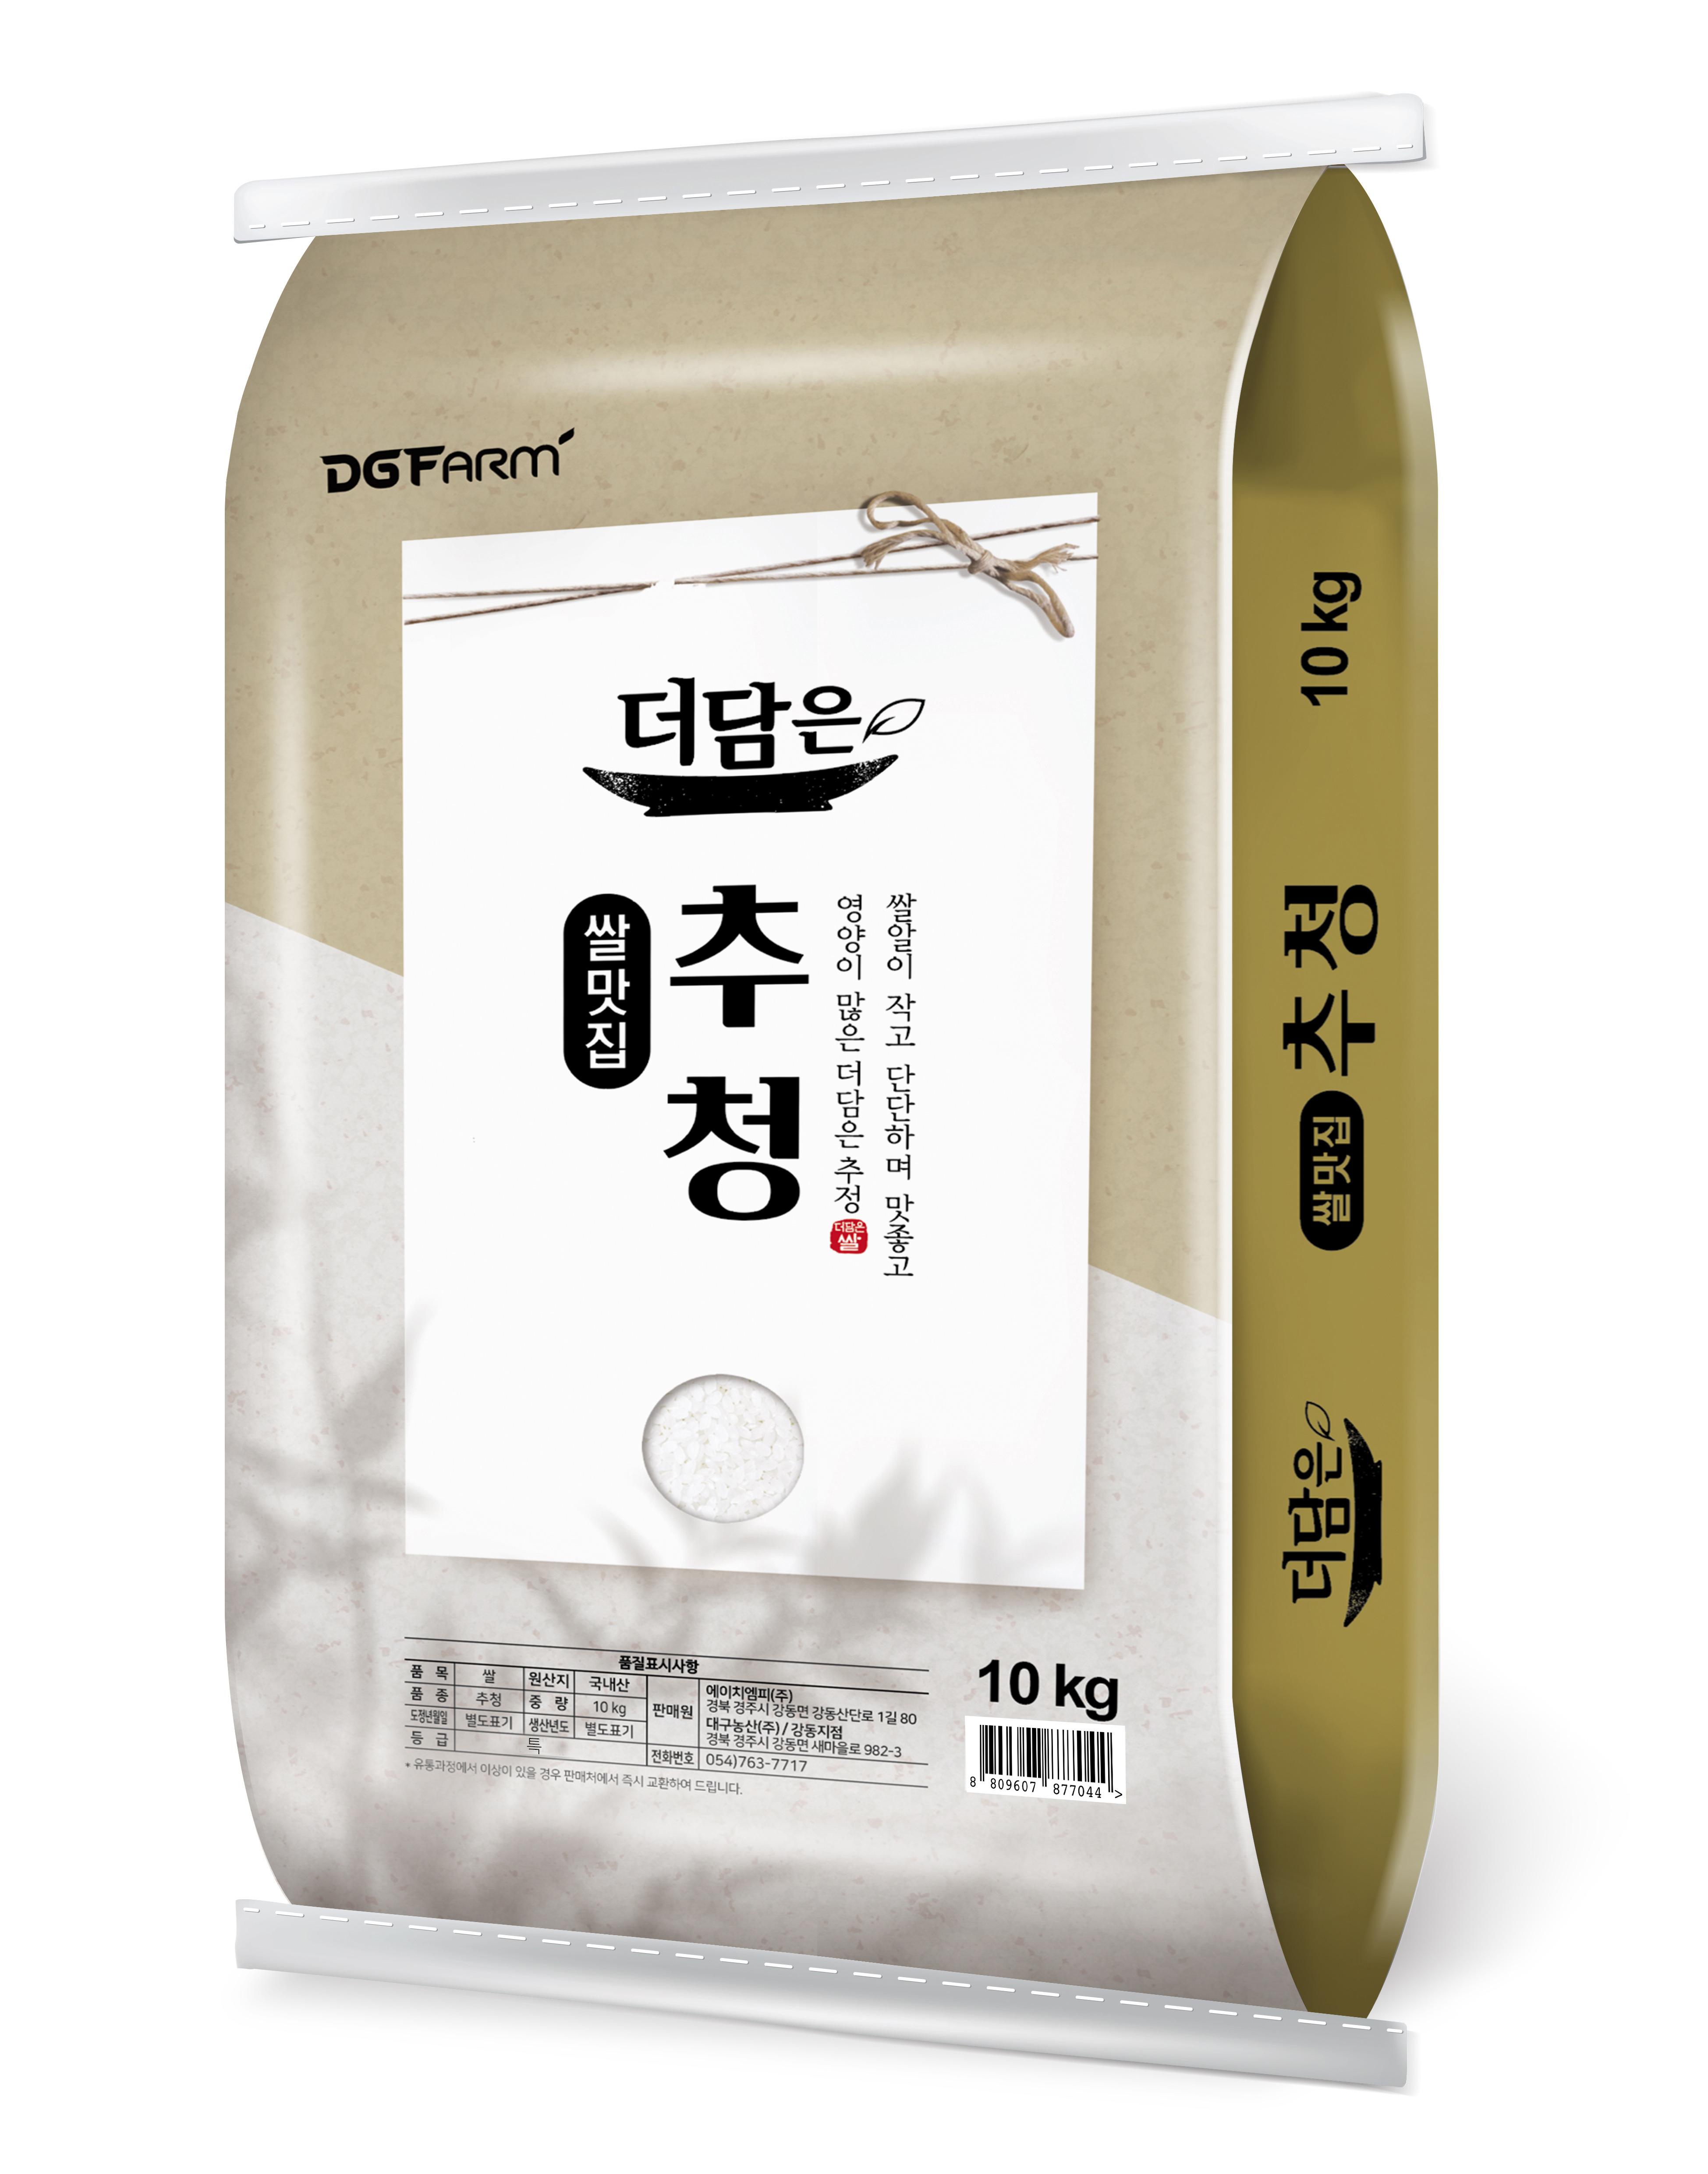 [Gold box] 대구농산 더담은 2020년 경기미 추청쌀, 10kg (특등급), 1개 - 랭킹1위 (33900원)